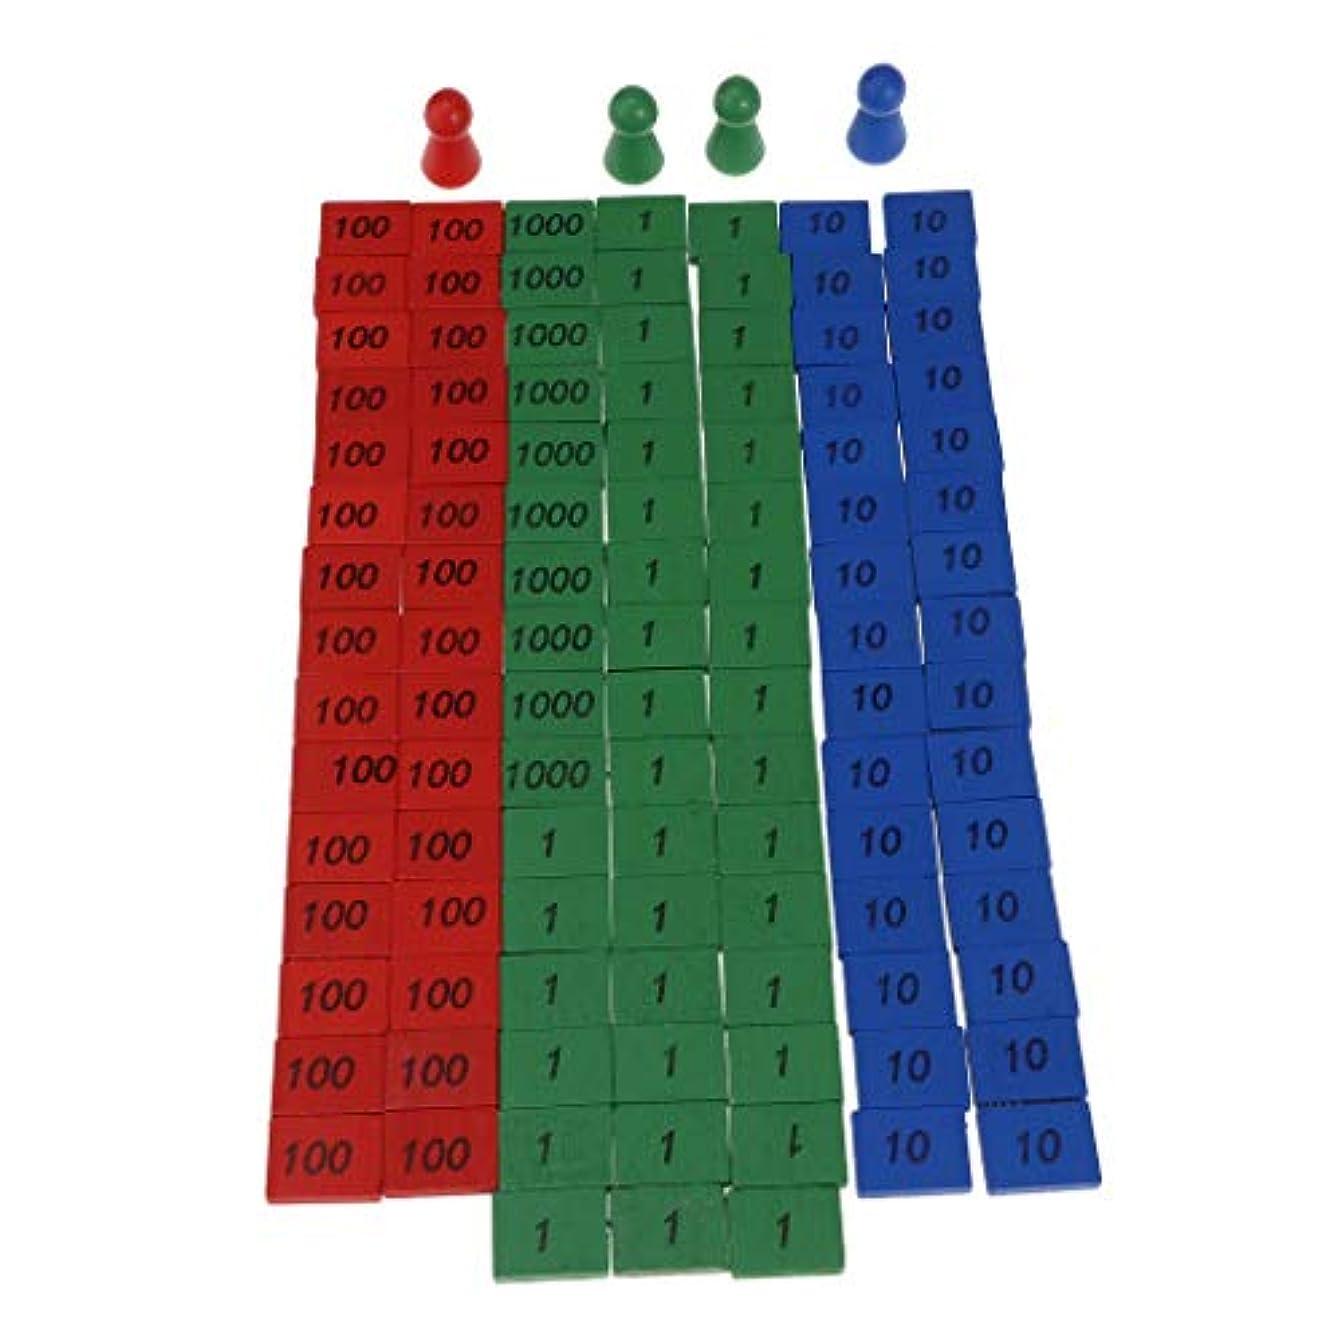 すりサスペンドシャイT TOOYFUL カラフルな 木製 ラウンドヘッドコーン 数字の小片数 数学 子供 教育玩具 木製ピース